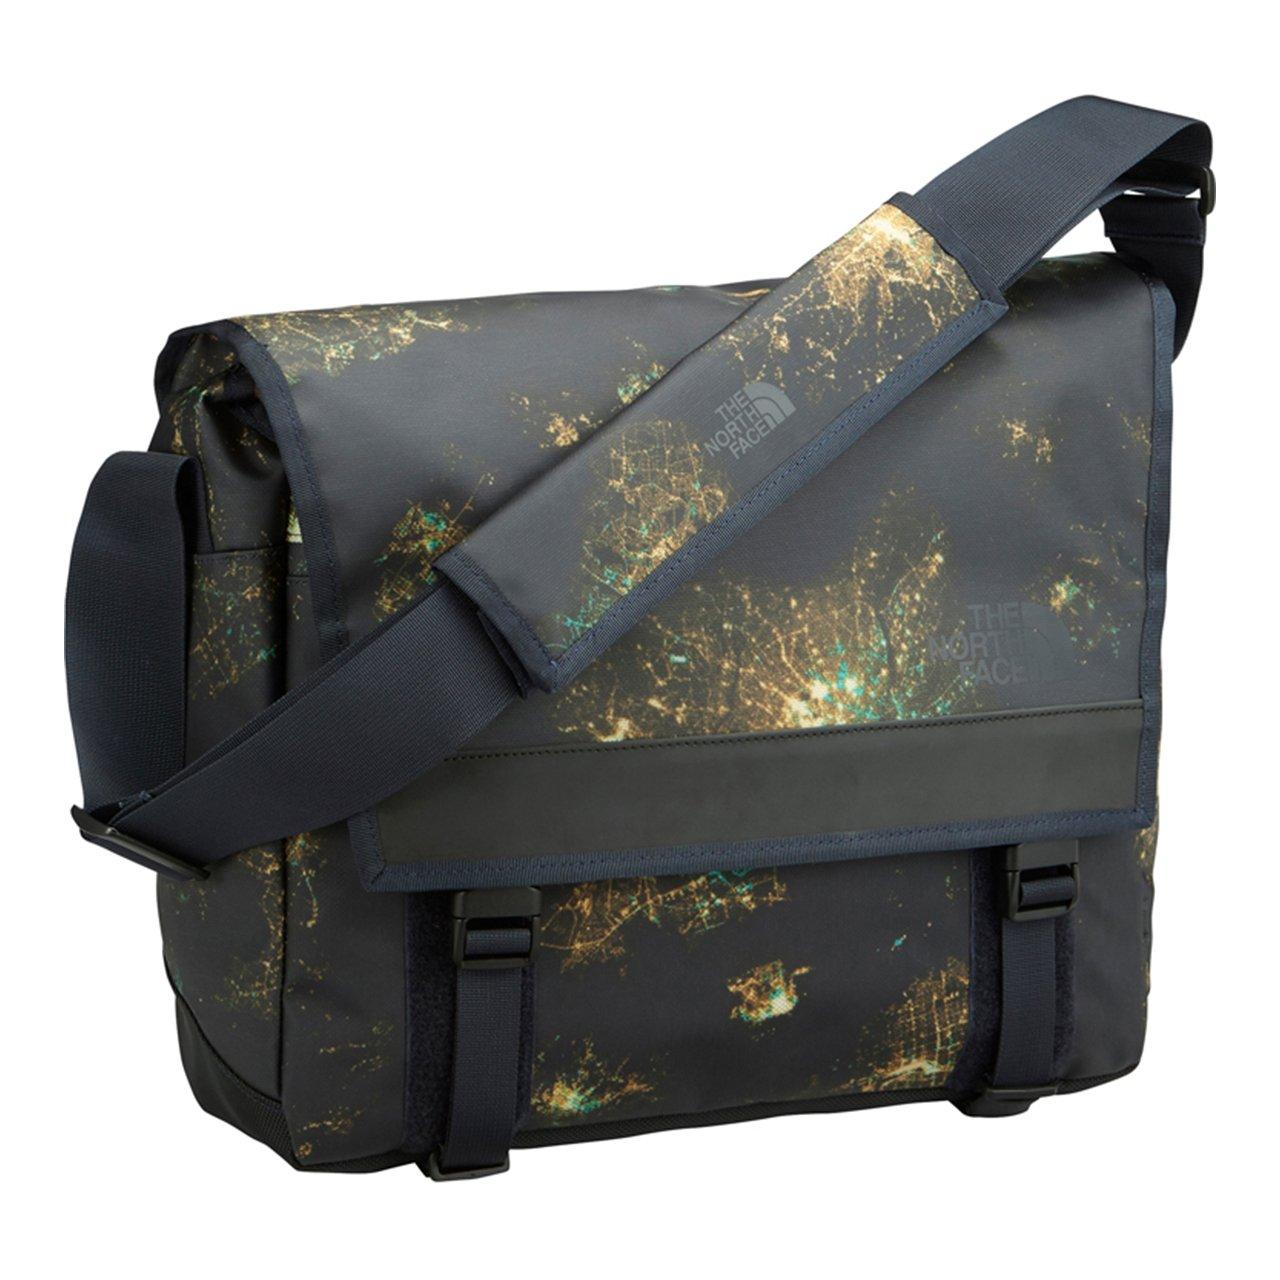 [ザノースフェイス] ショルダーバッグ BC Messenger Bag M NM81703 B073S3CQ74 ナイトライトプリント ナイトライトプリント